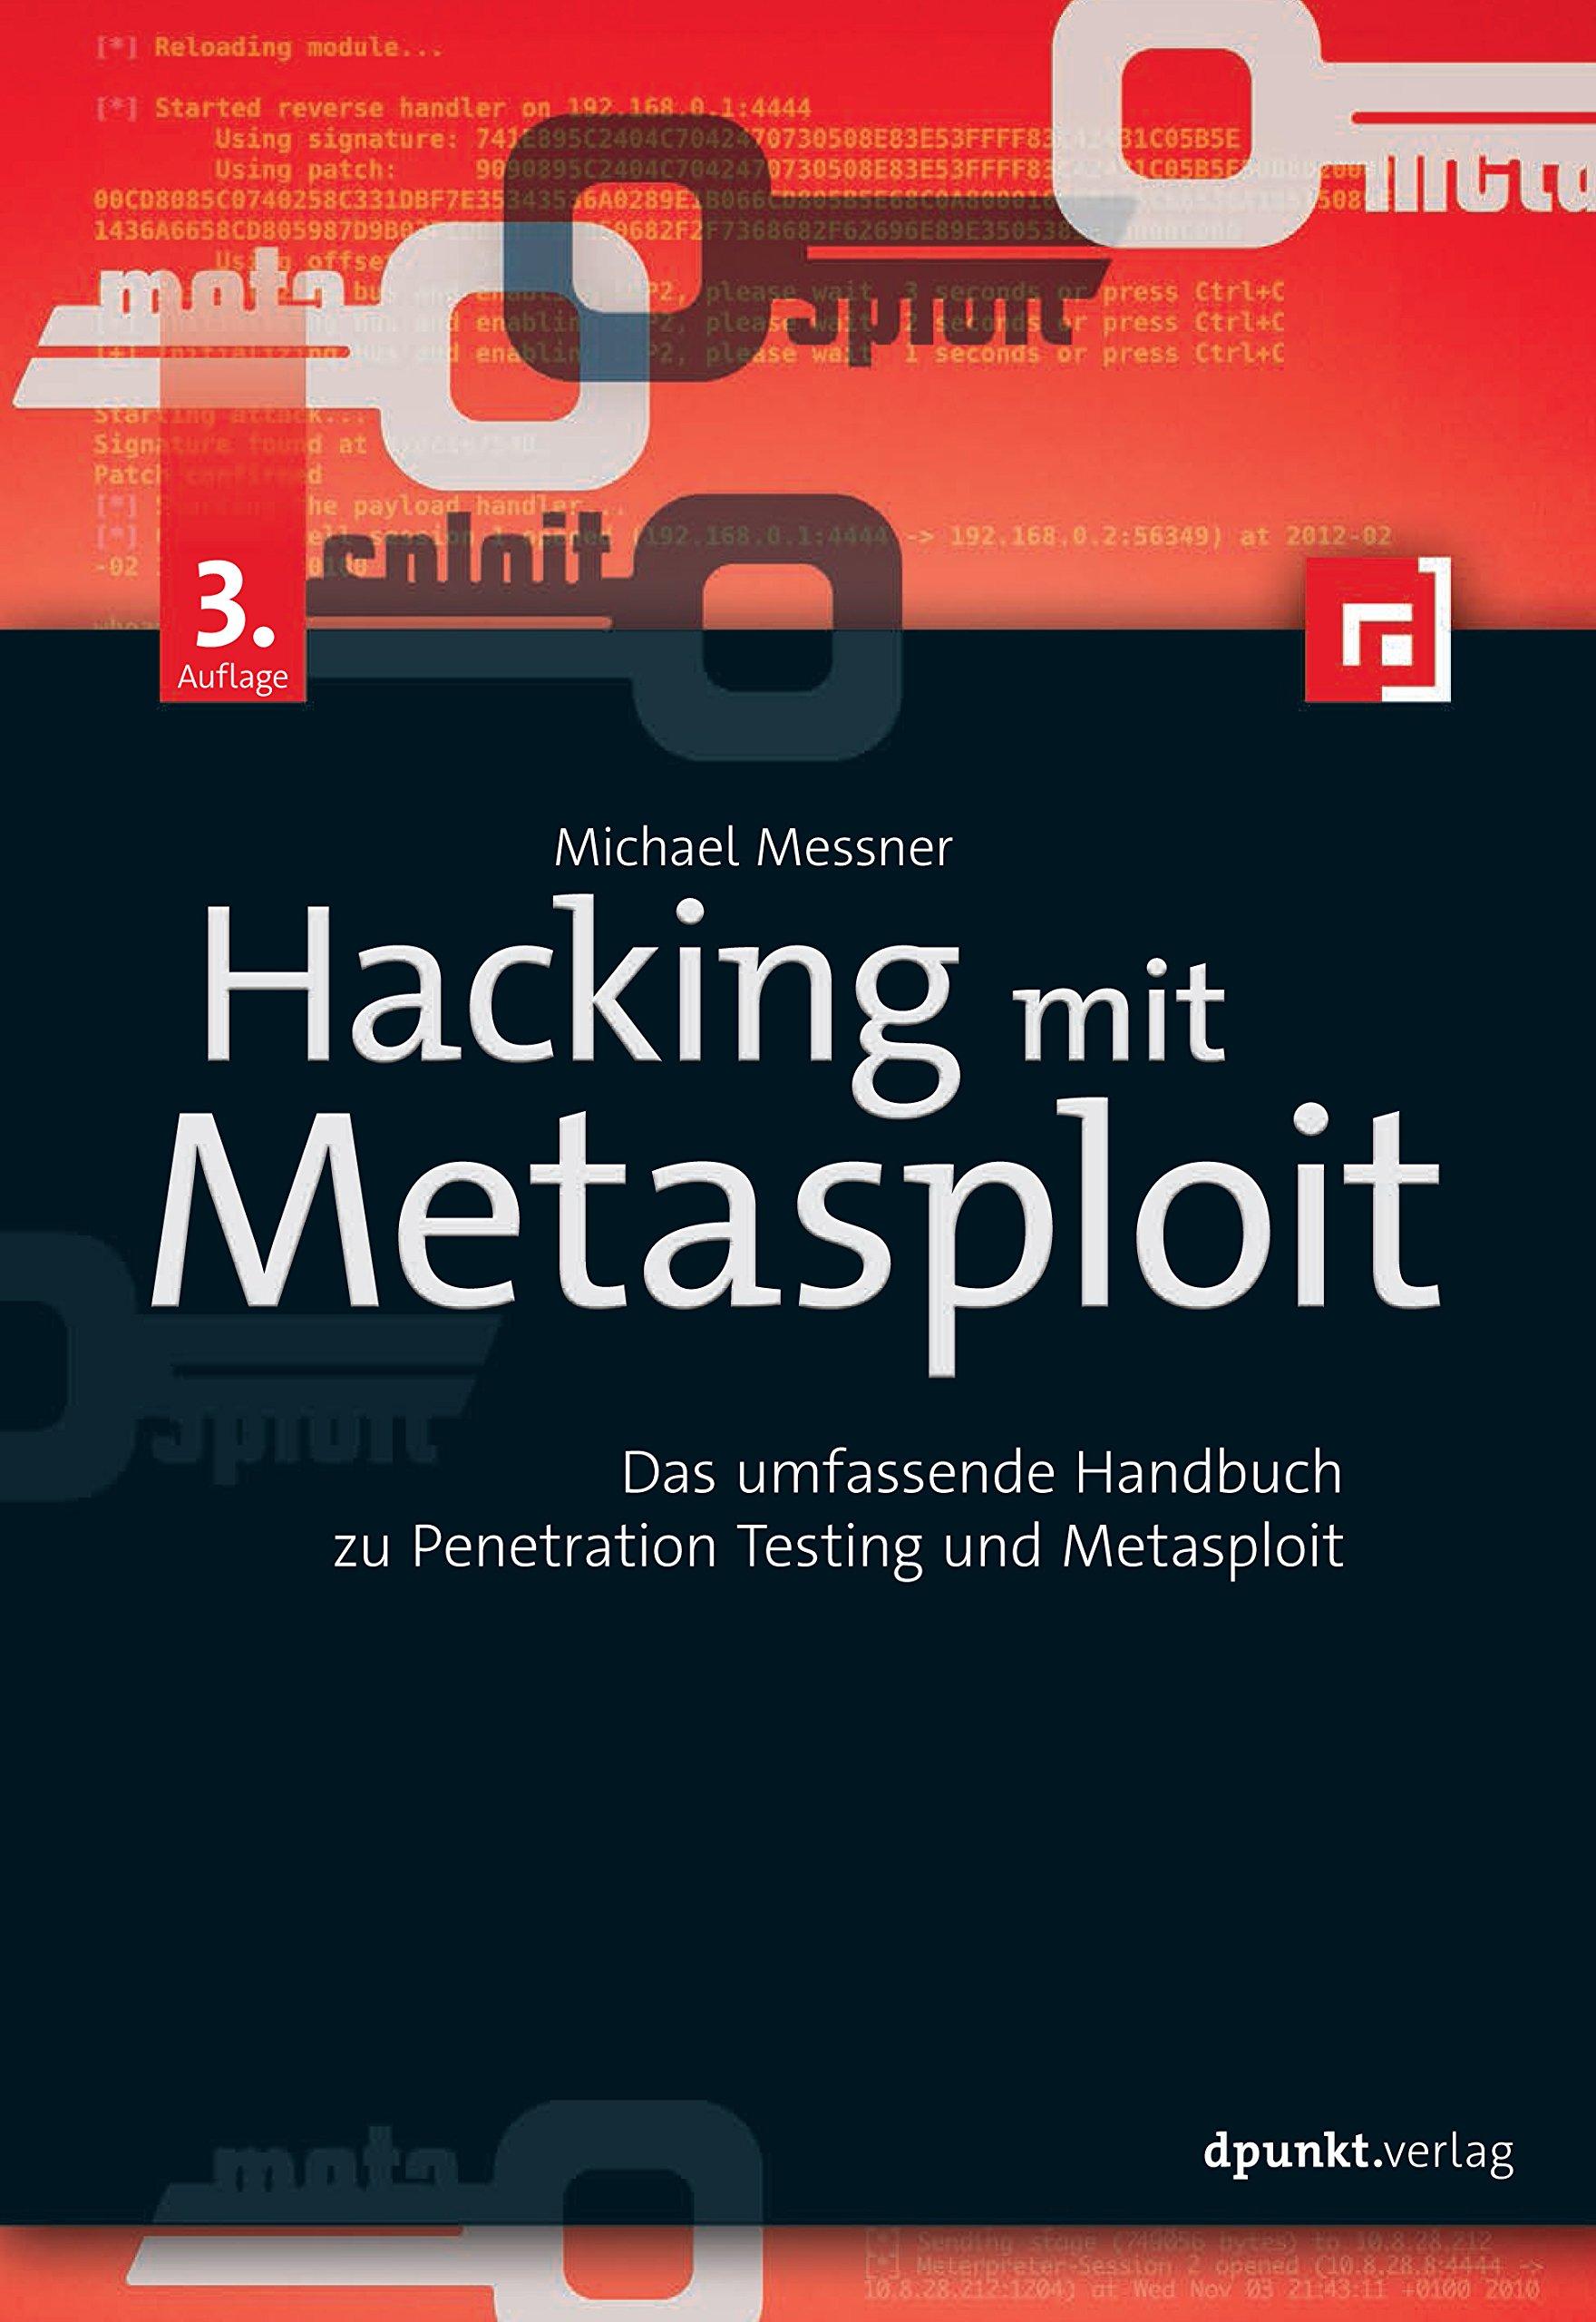 Hacking mit Metasploit: Das umfassende Handbuch zu Penetration Testing und Metasploit